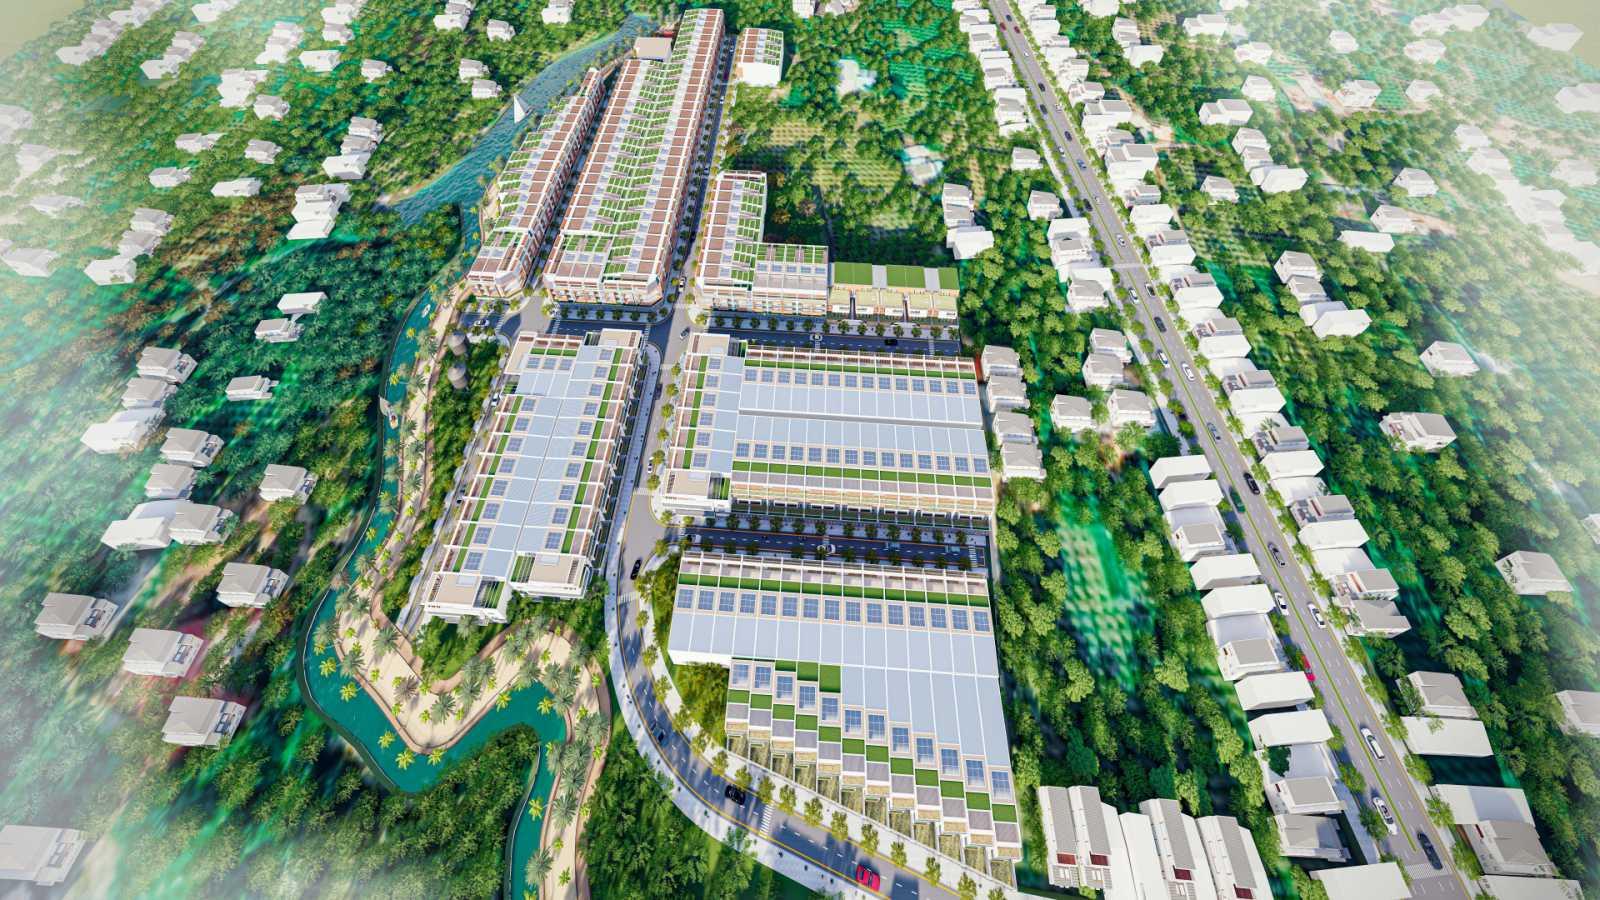 Thật hiếm có dự án nào giá 1 tỷ / lô SĐCC giao ngay tại An Phước Phan Thiết